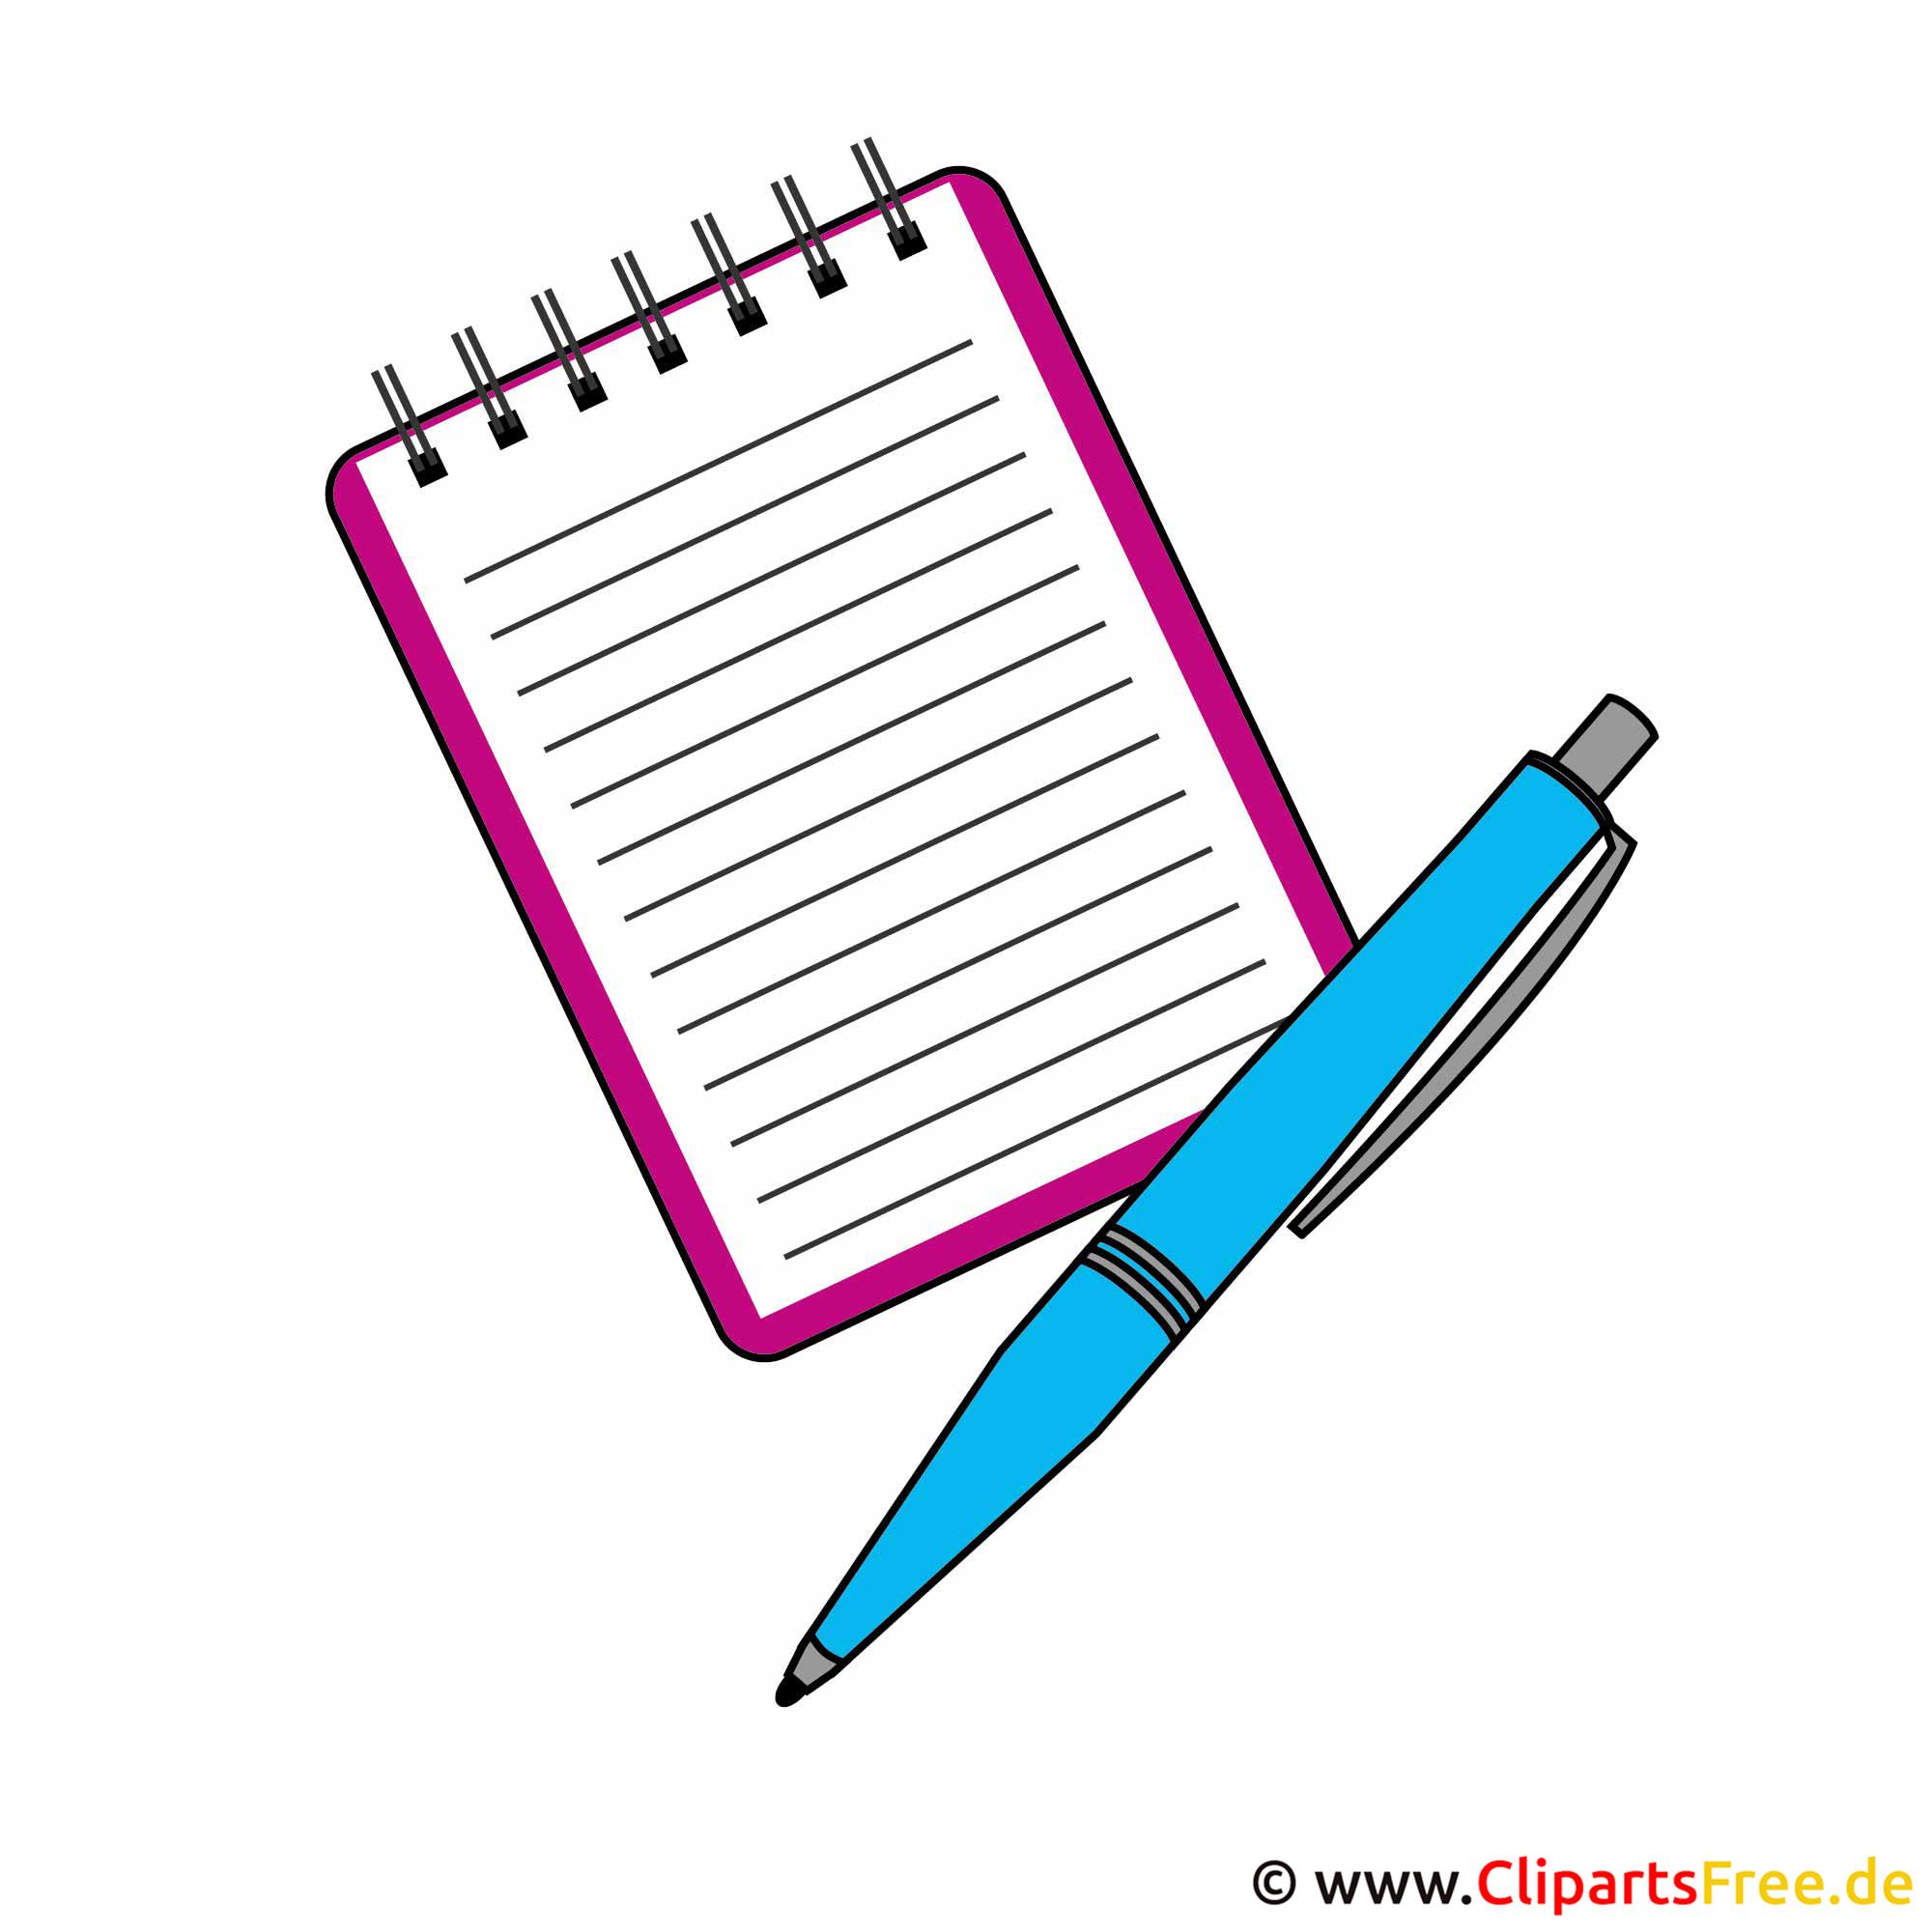 Free Clipart Schule - Notizbuch und Kugelschreiber